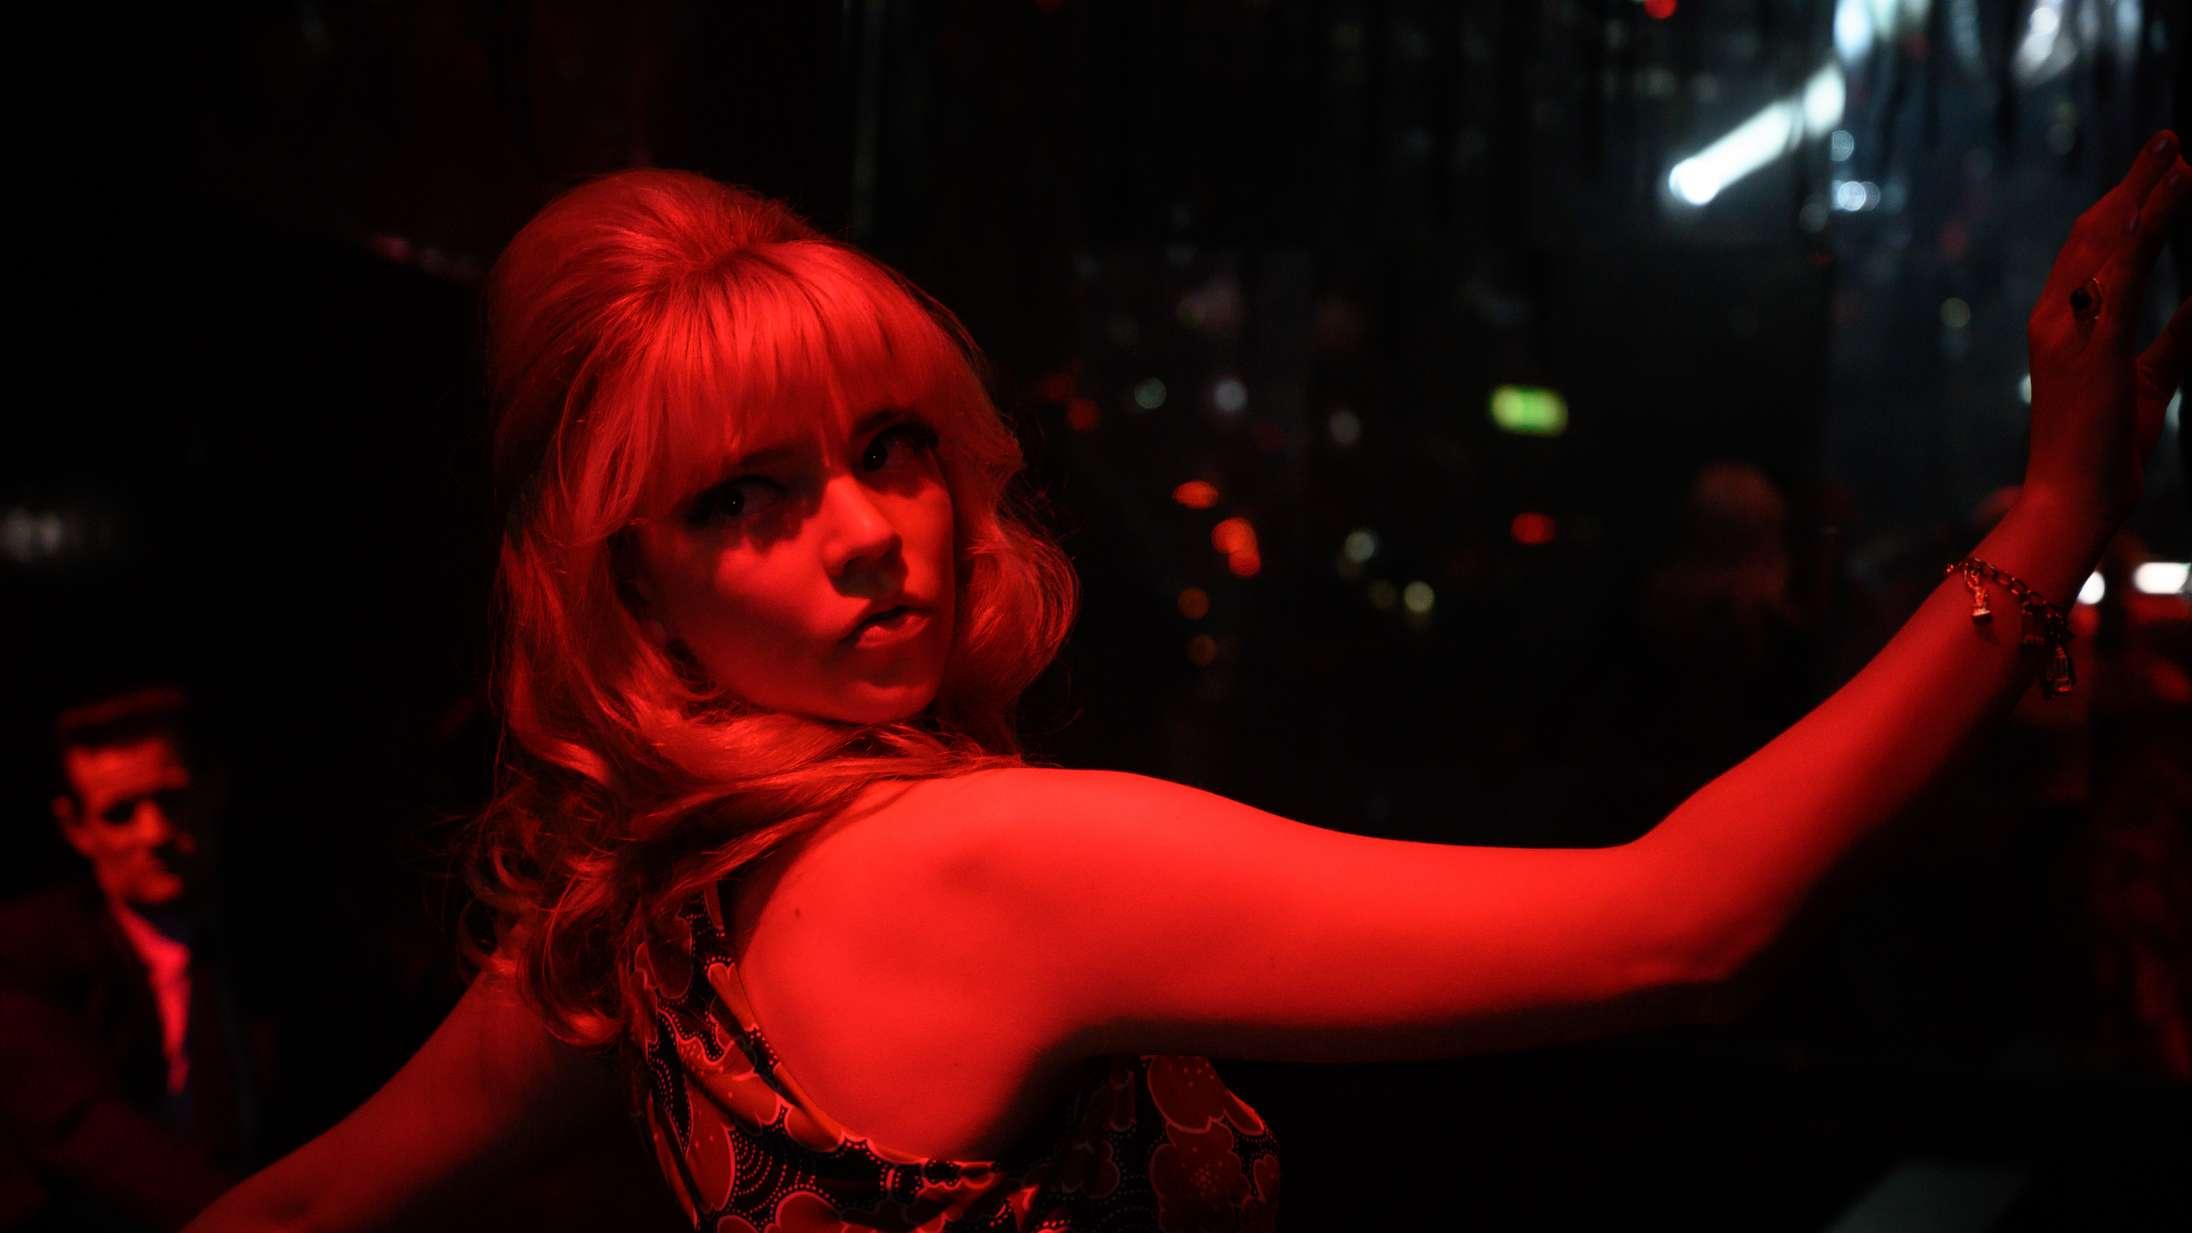 Anya Taylor-Joy ætser sig fast på nethinden i genremesters nye gyser